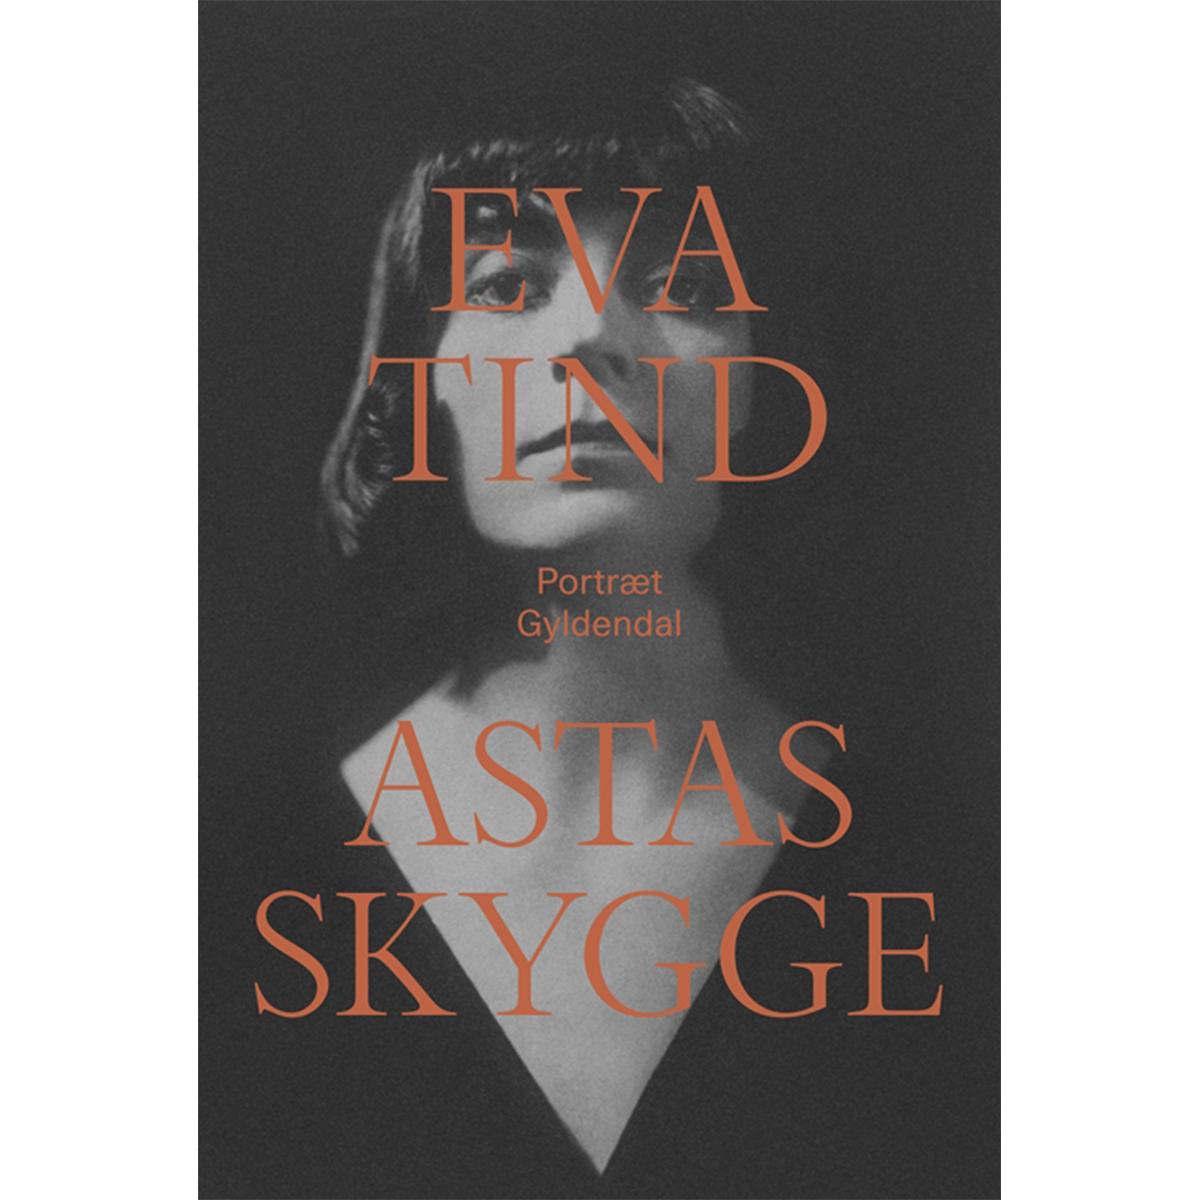 Billede af Astas skygge - portræt - Hæftet